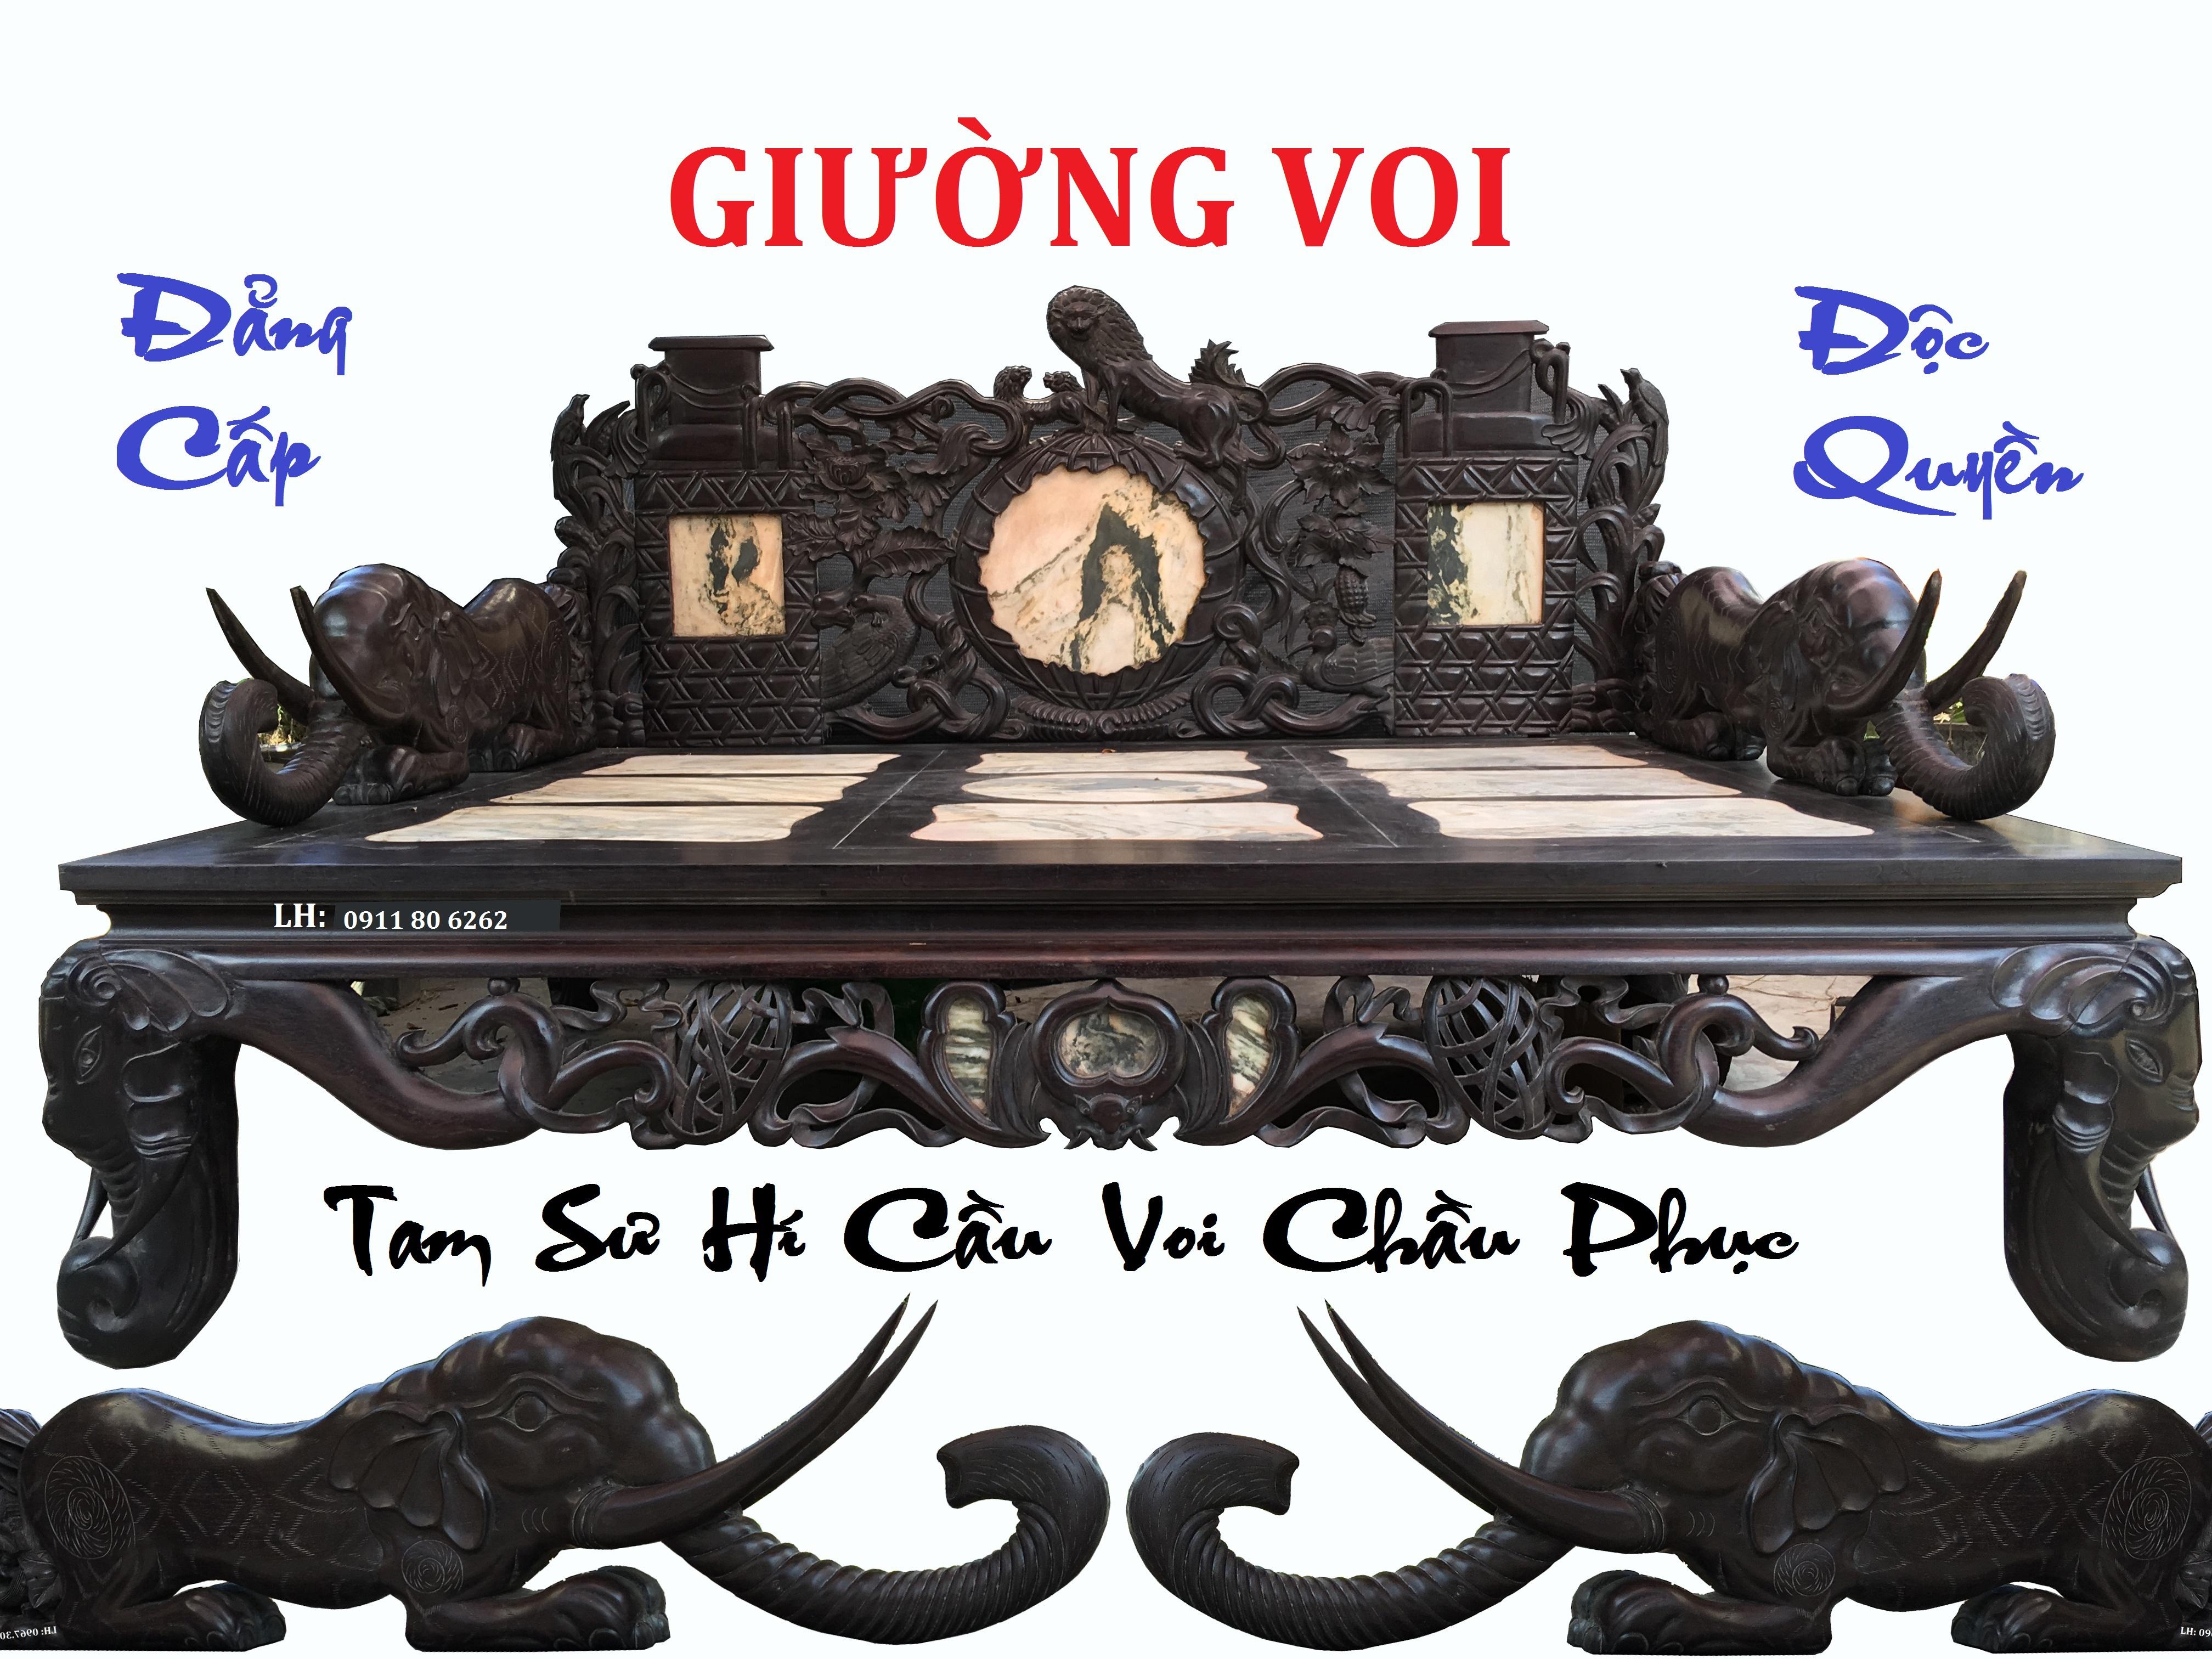 13 - Giường Voi Tam Sư Hí Cầu MS: 05